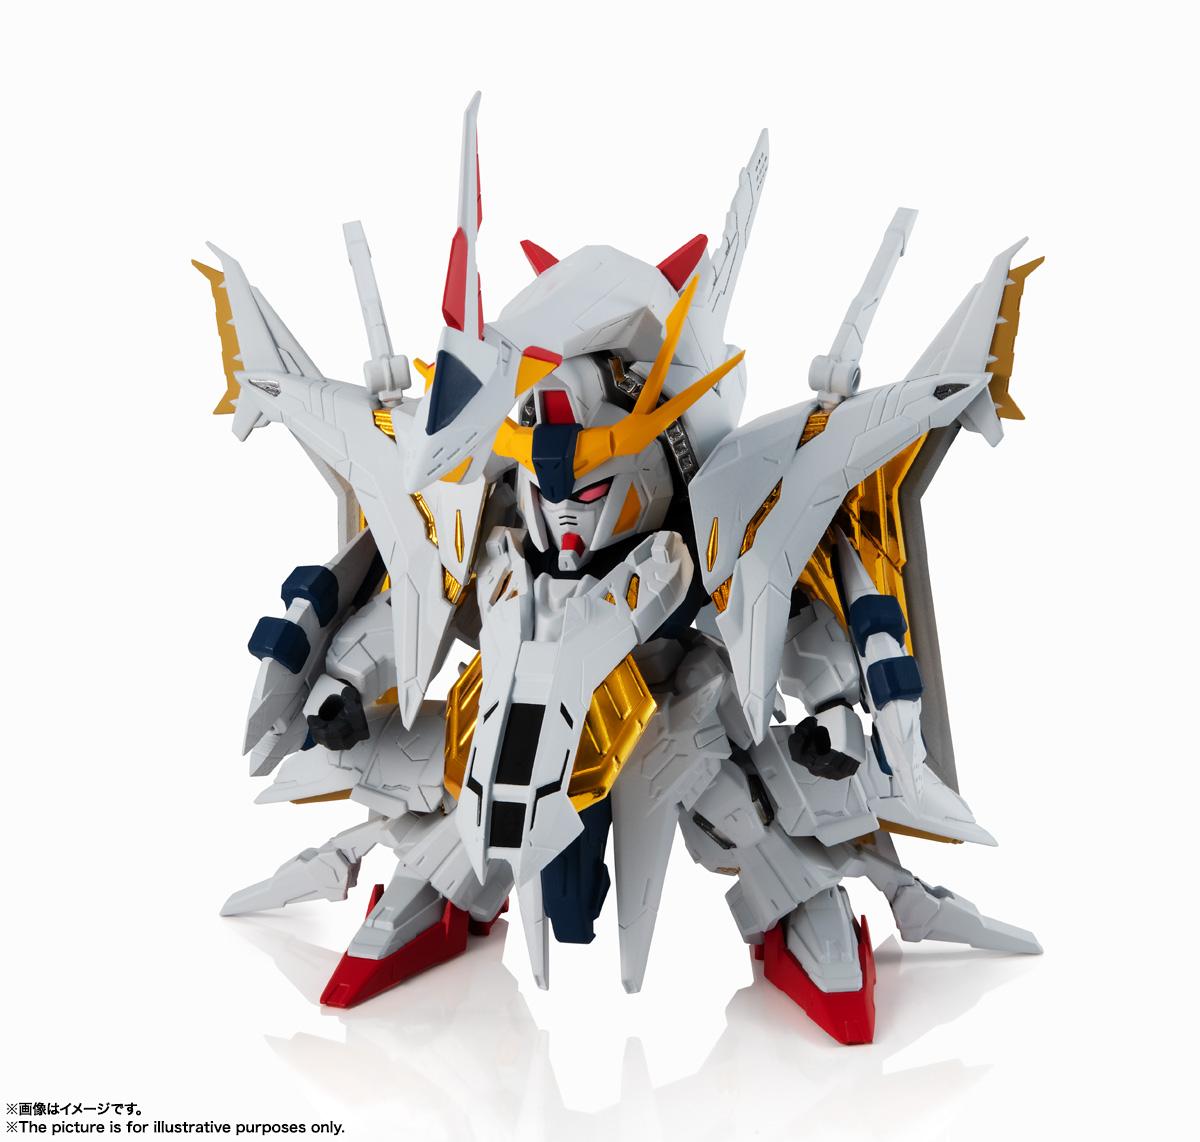 NXEDGE STYLE[MS UNIT]『Ξガンダム』機動戦士ガンダム 閃光のハサウェイ デフォルメ可動フィギュア-010